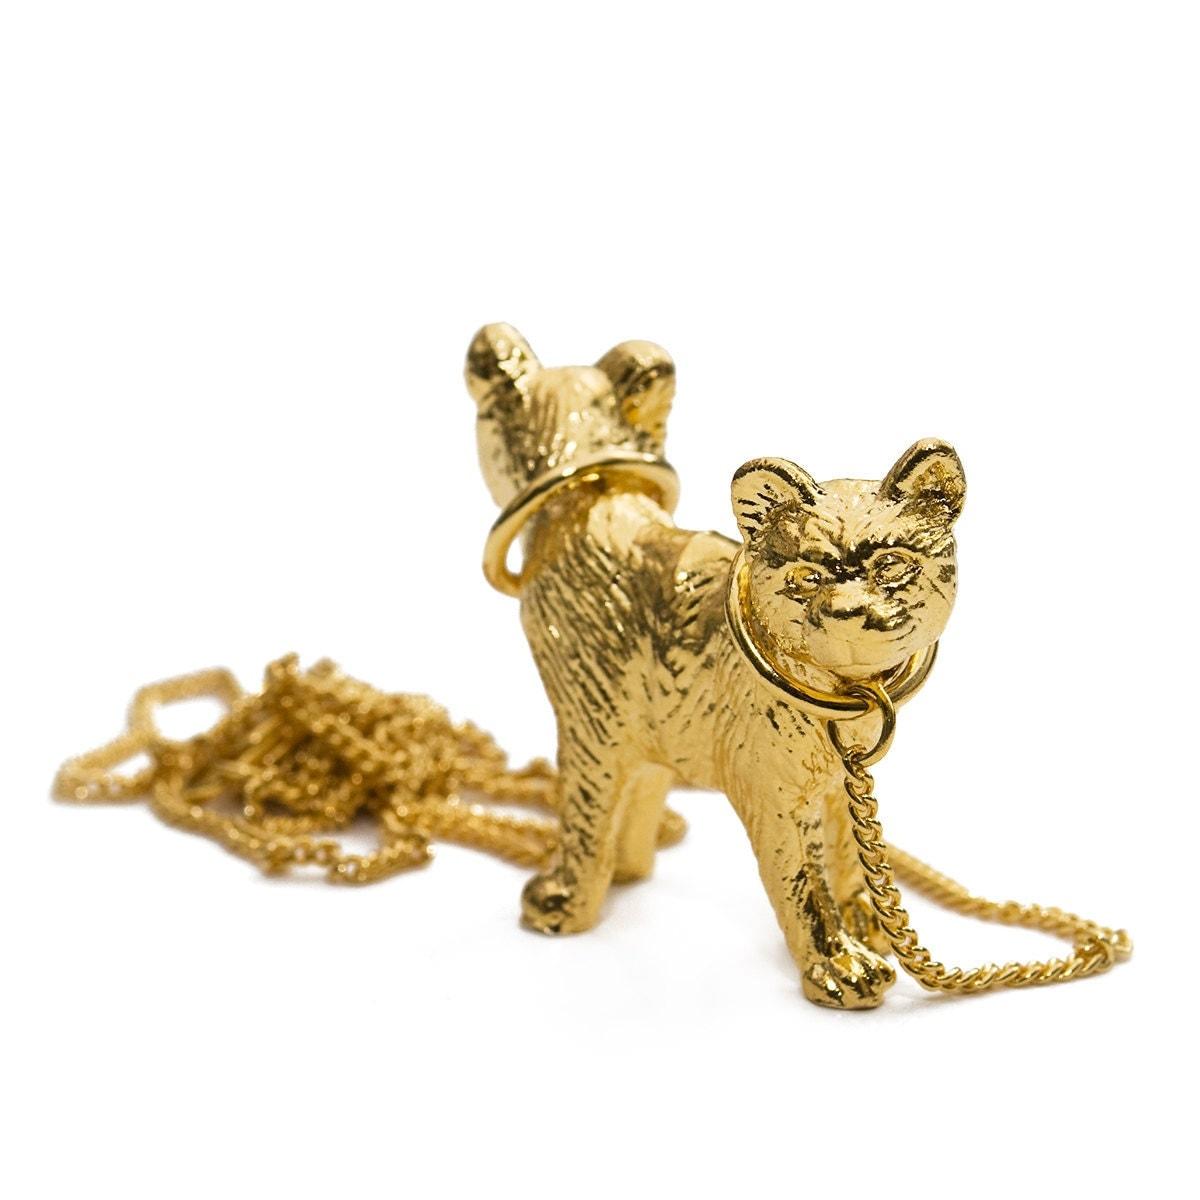 KittyKitty necklace GOLD